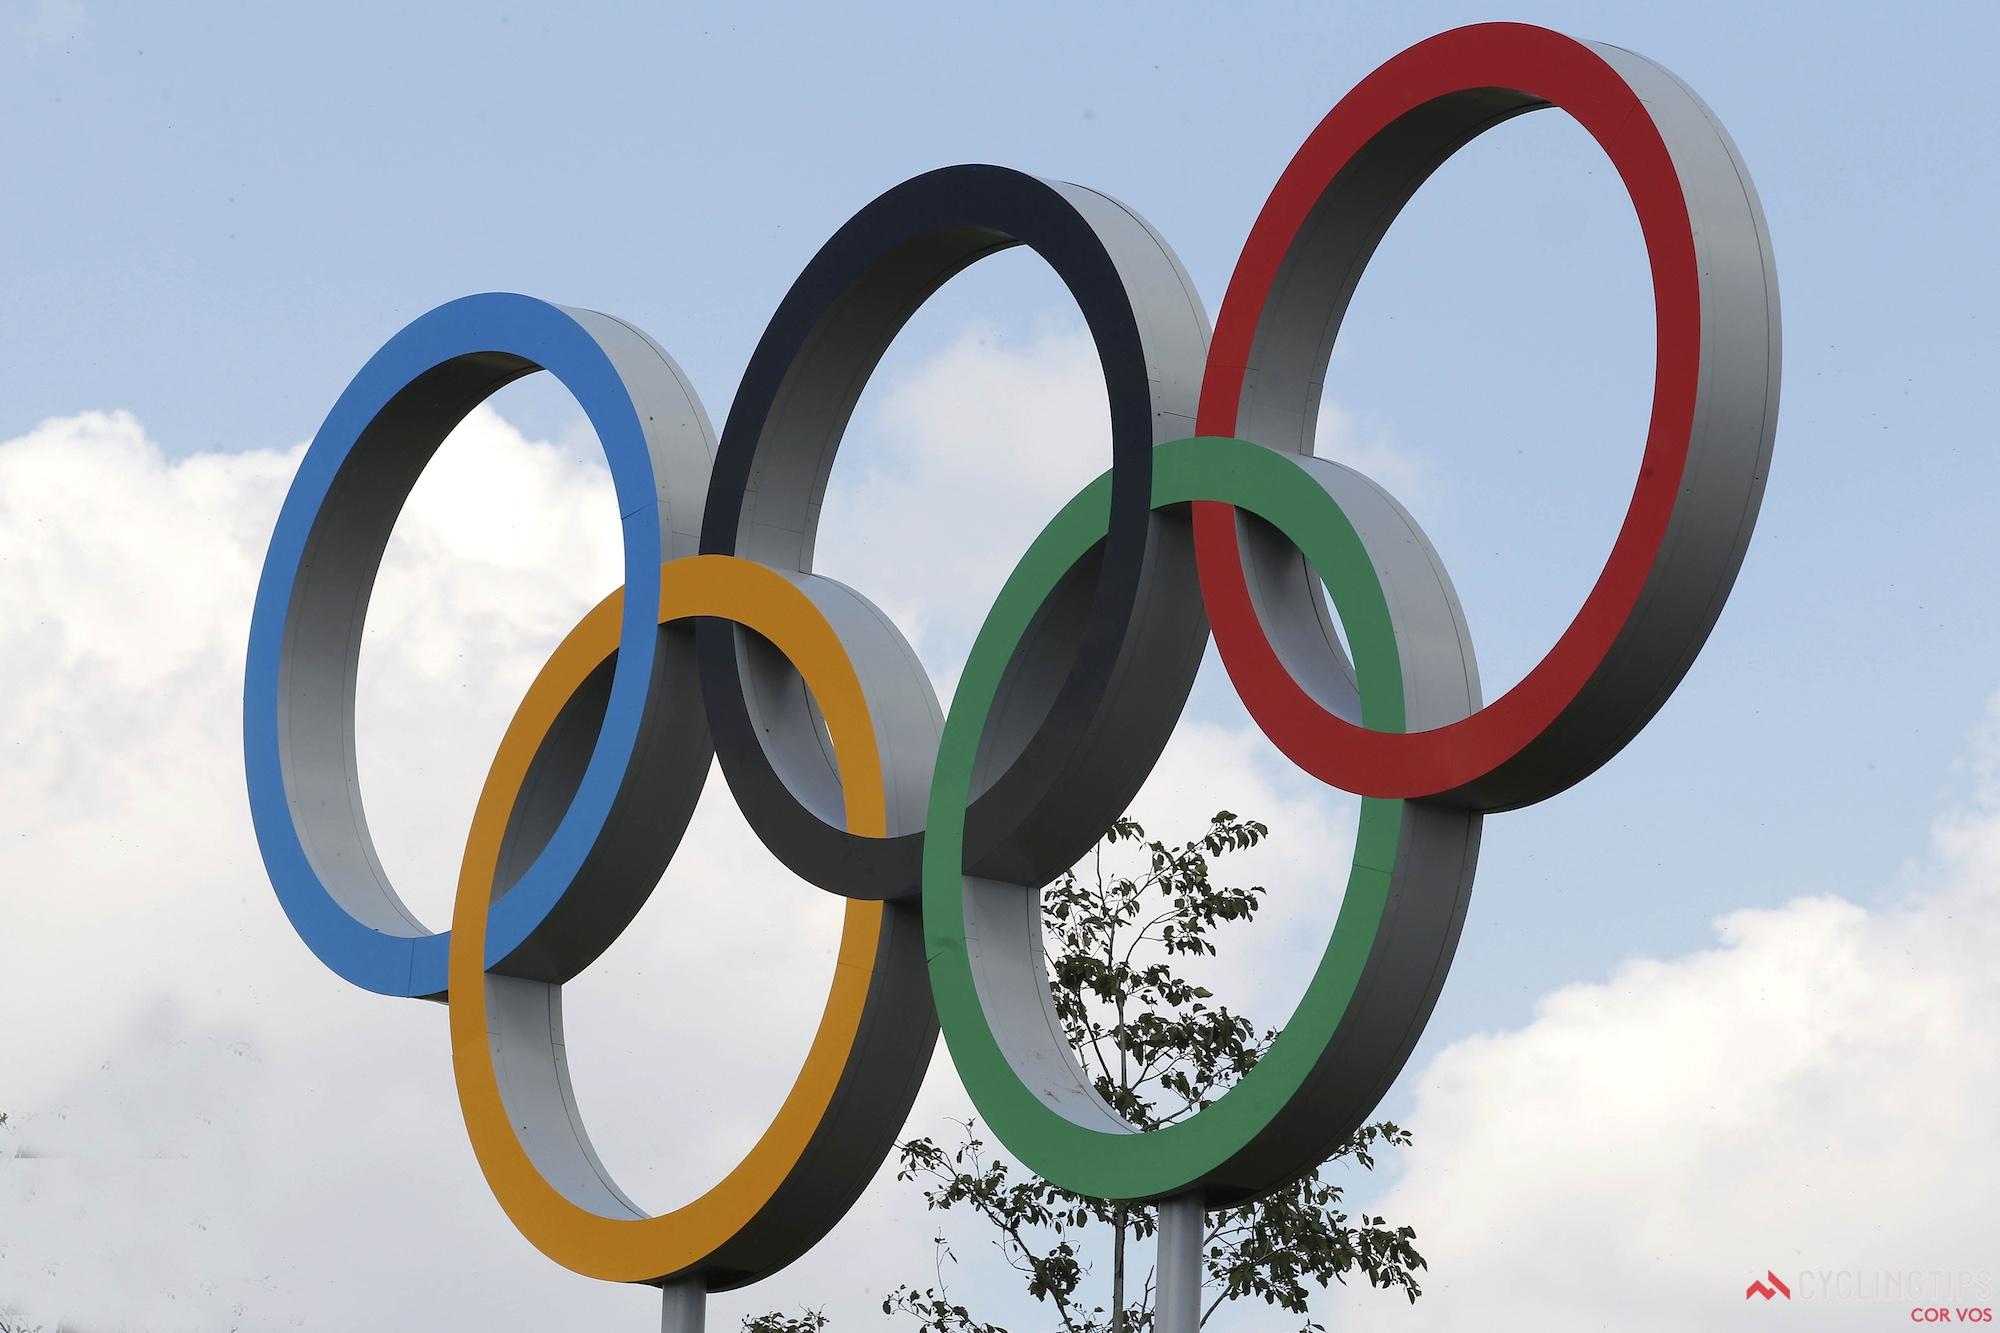 Russland verbot die Verwendung von Flagge, Hymne bei Olympischen Spielen für 2 Jahre